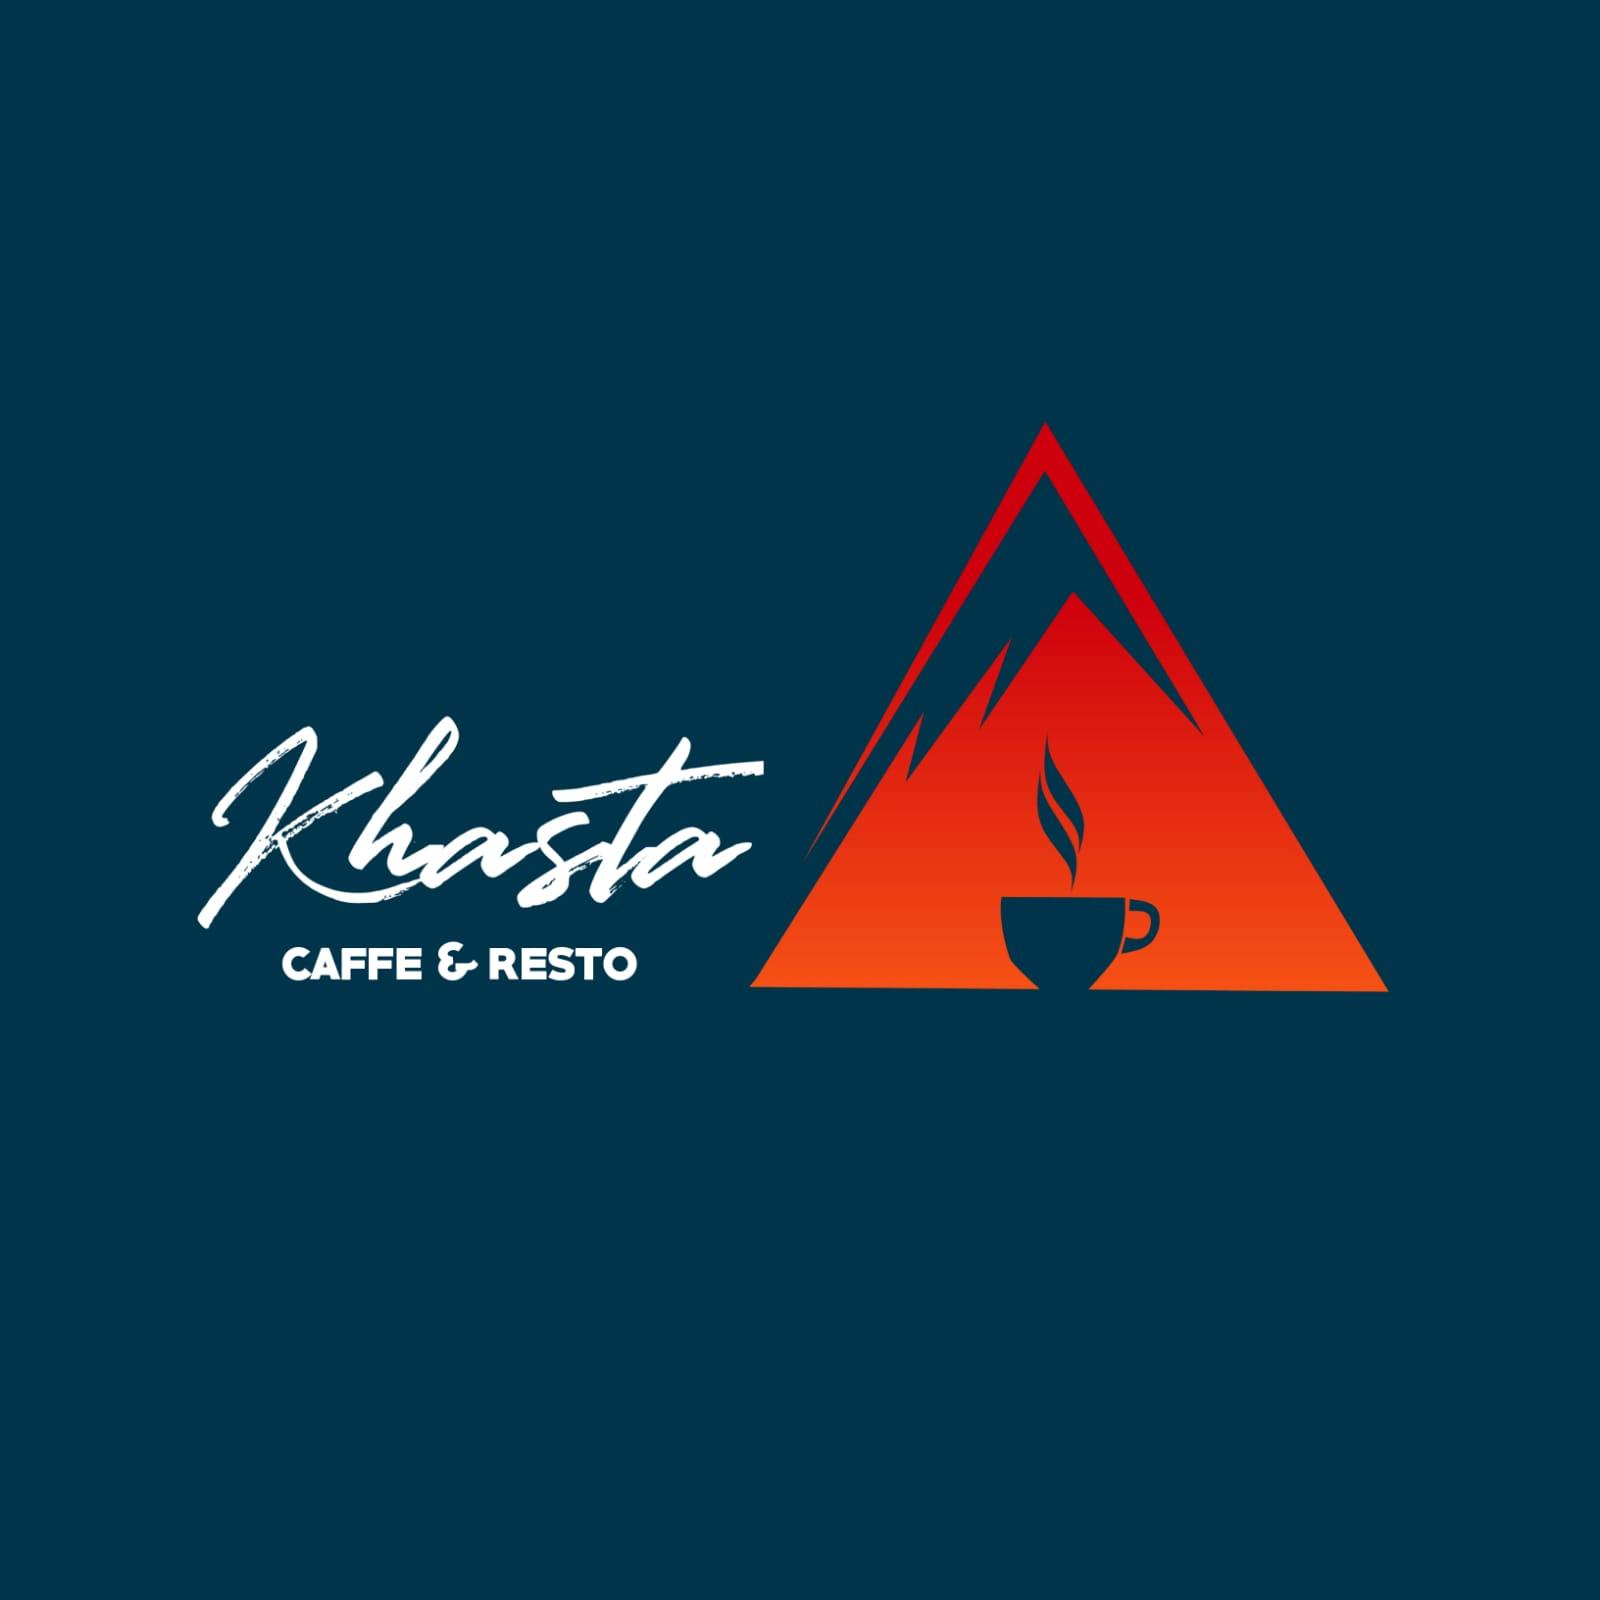 KHASTA CAFFE & RESTO